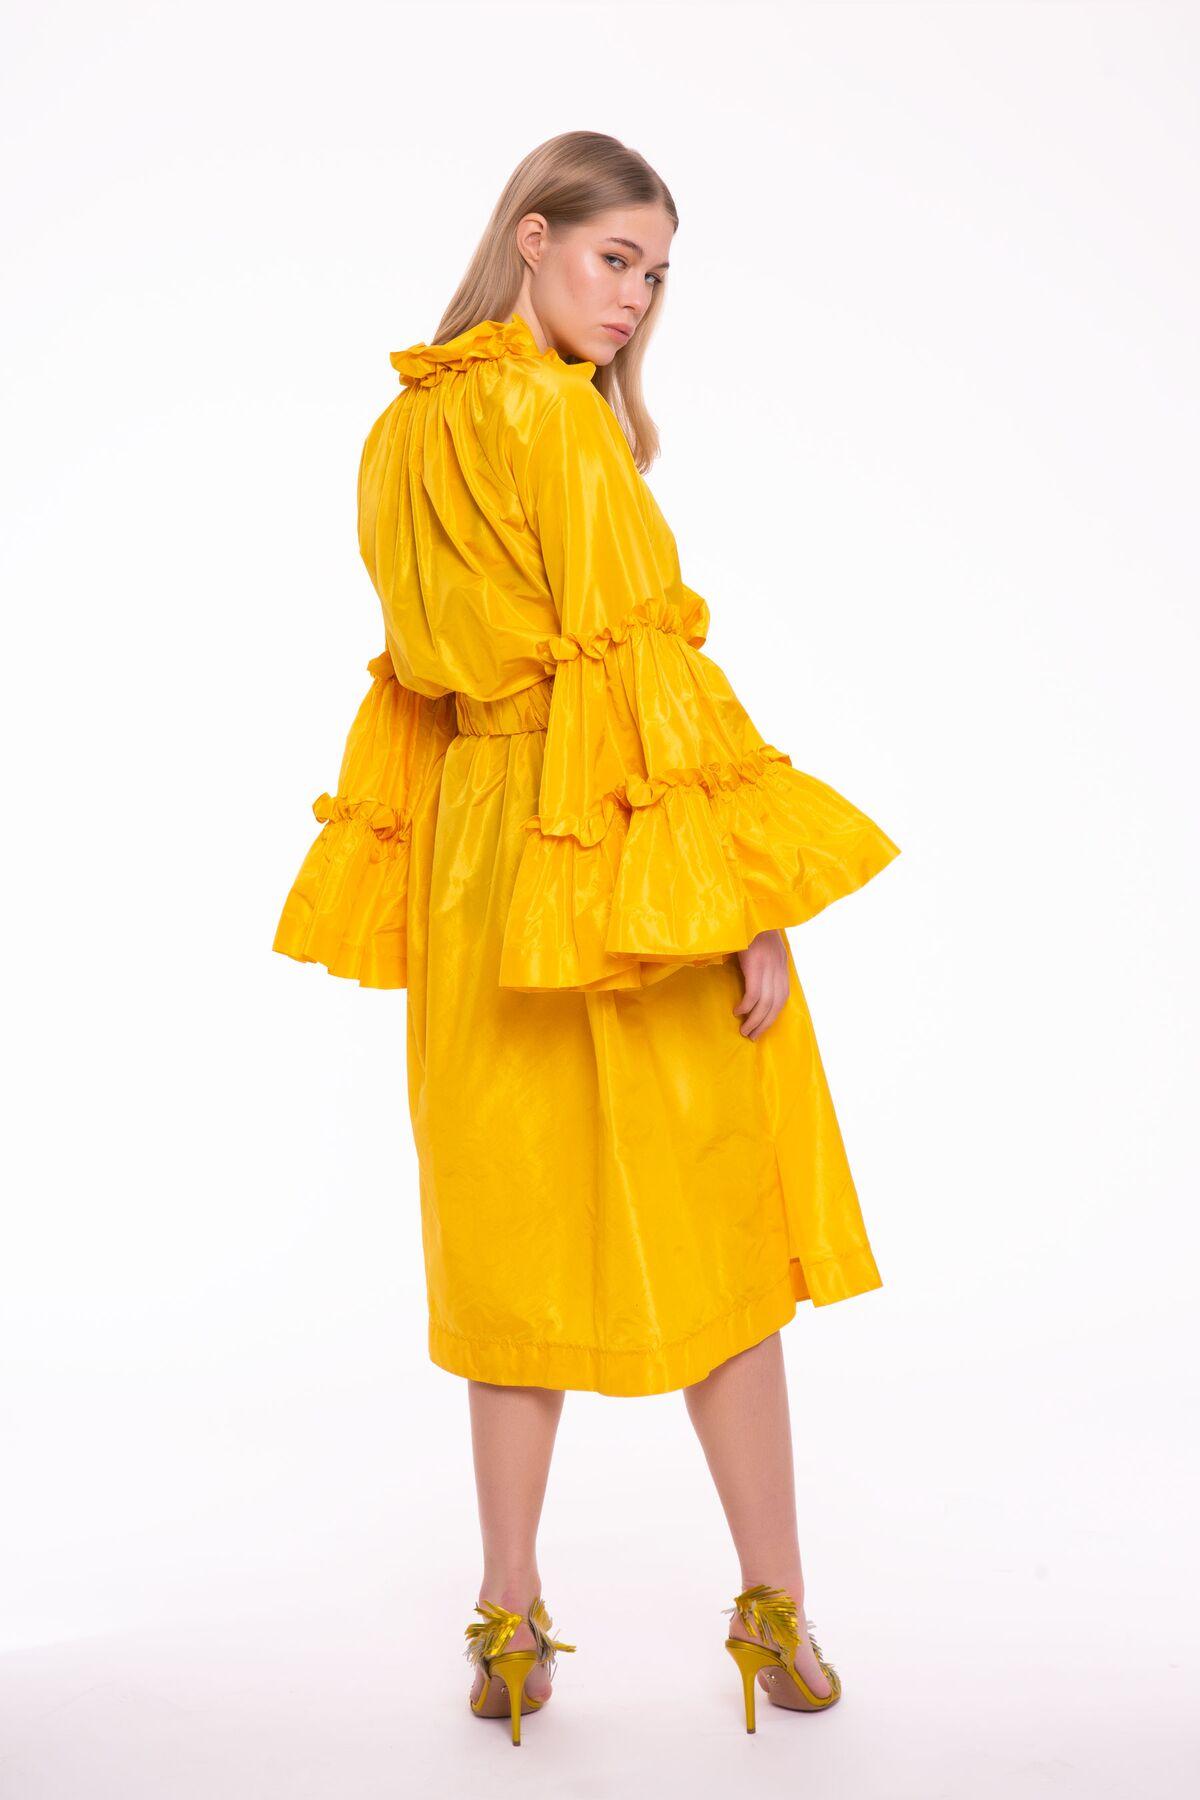 Fırfır Detaylı, Sarı Midi Boy Elbise